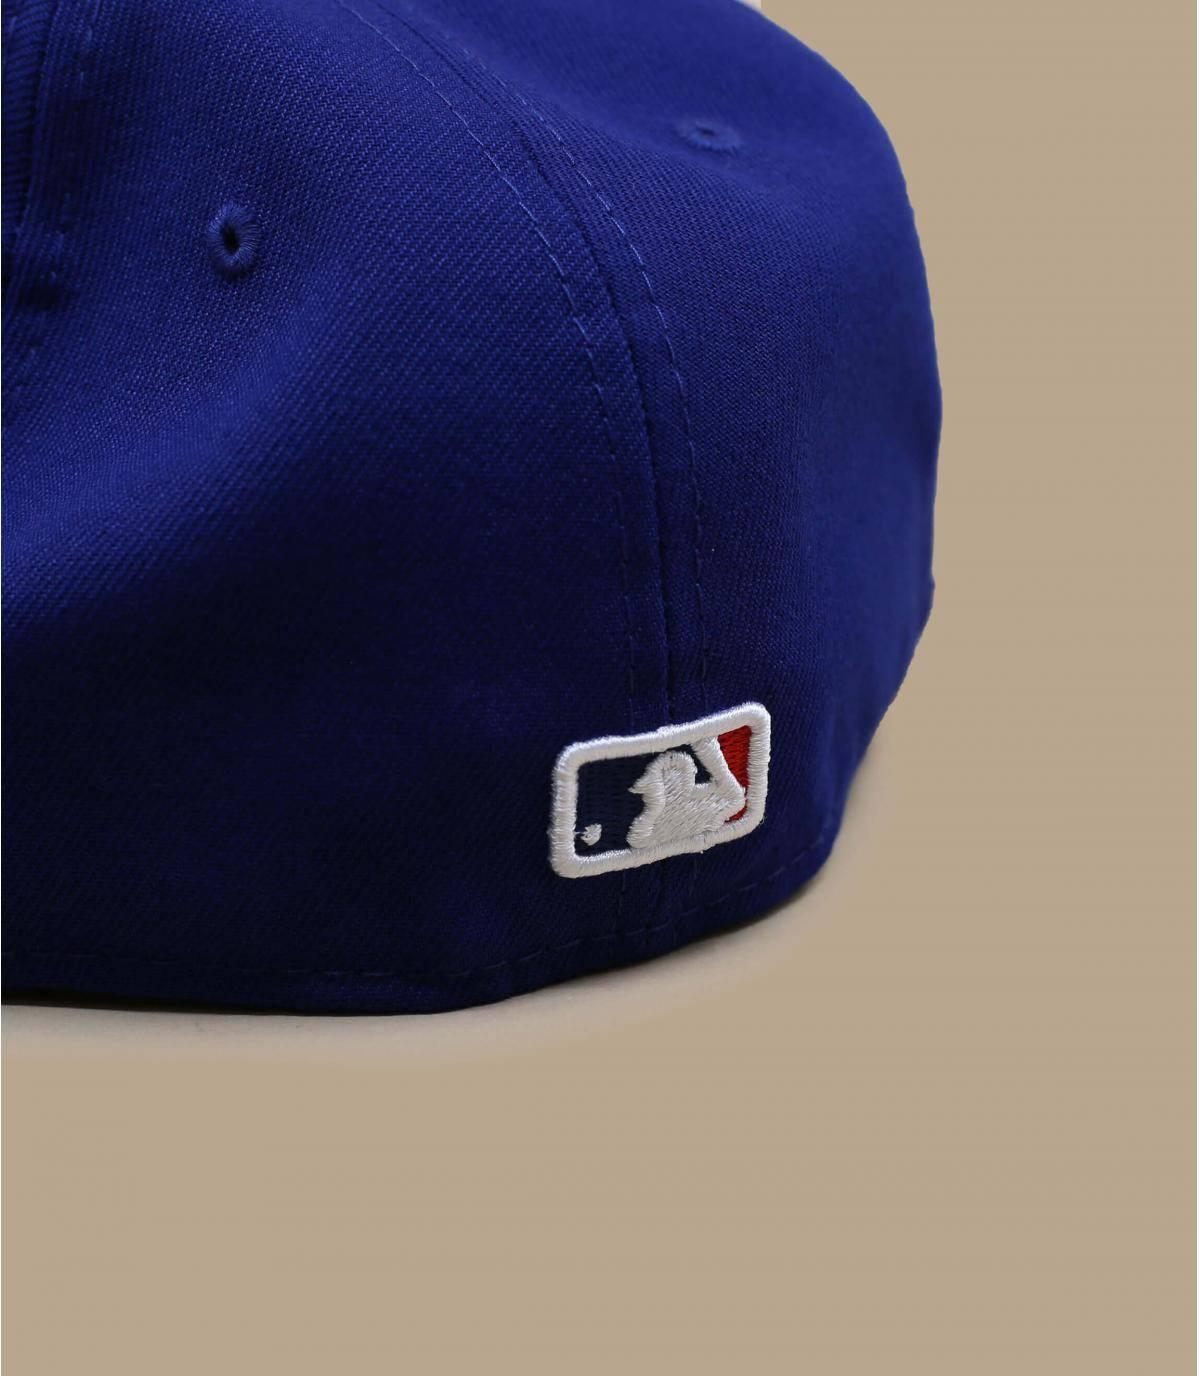 Détails MLB AC Perf 5950 Los Angeles Dodgers - image 3